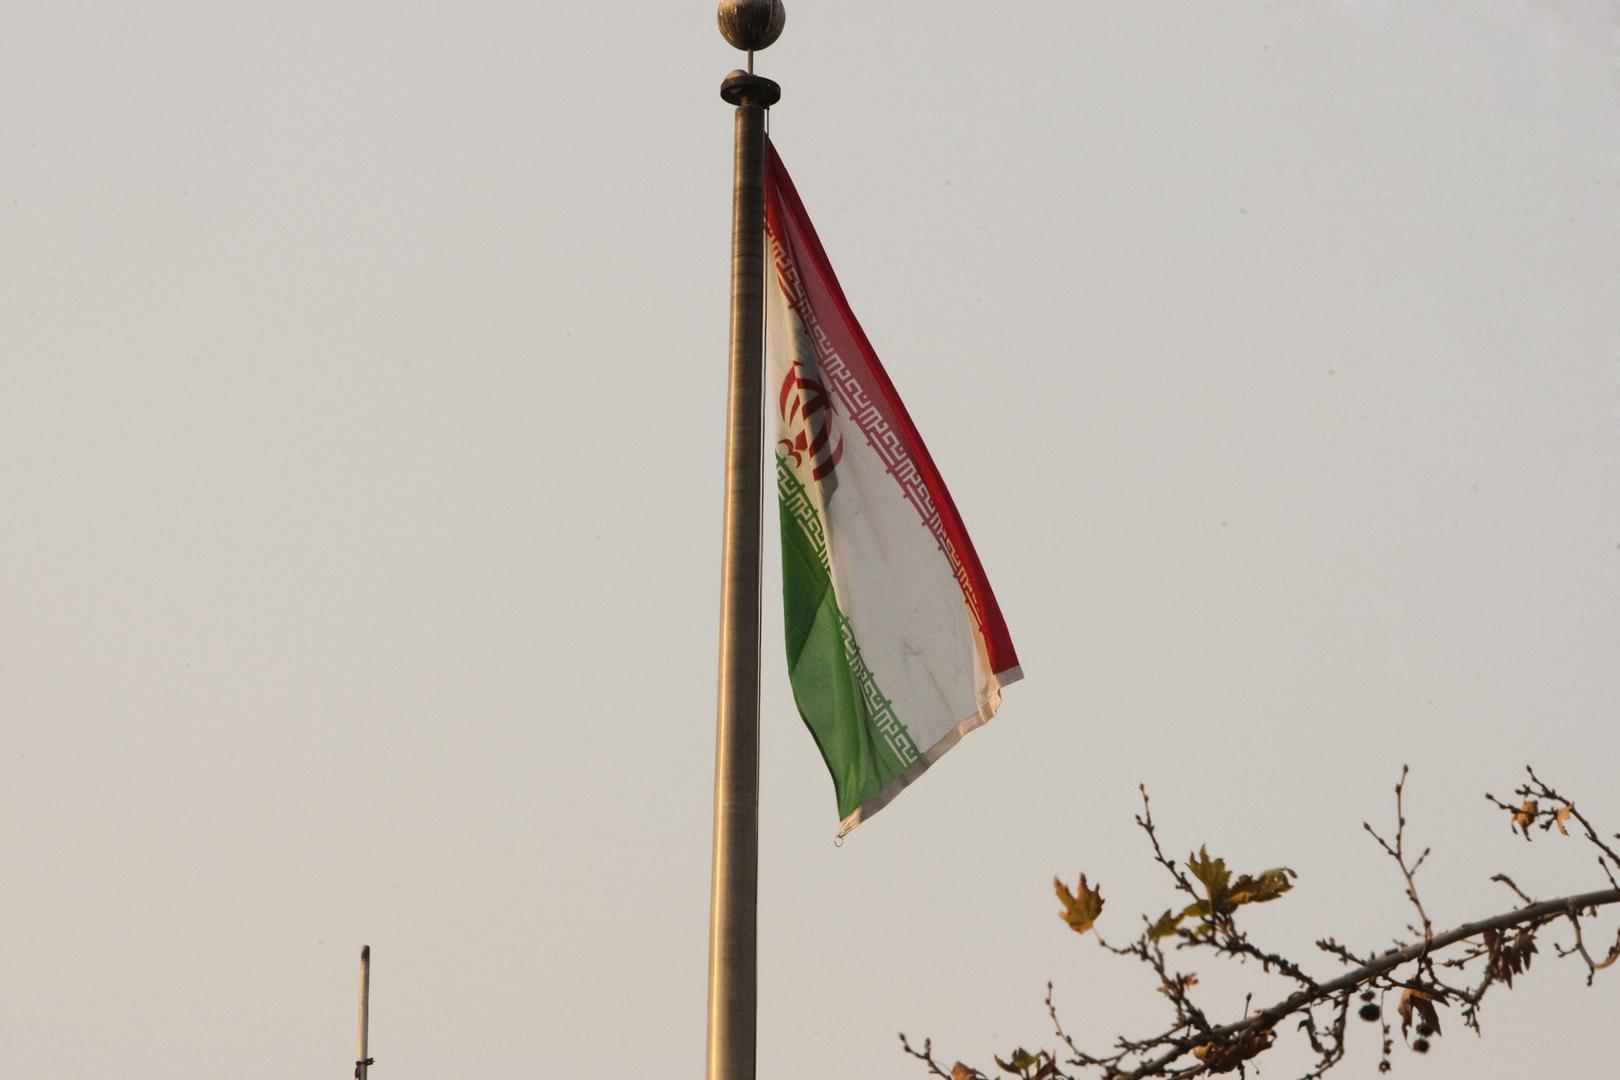 إيران: الاتفاق السوداني - الإسرائيلي زائف وقائم على فدية